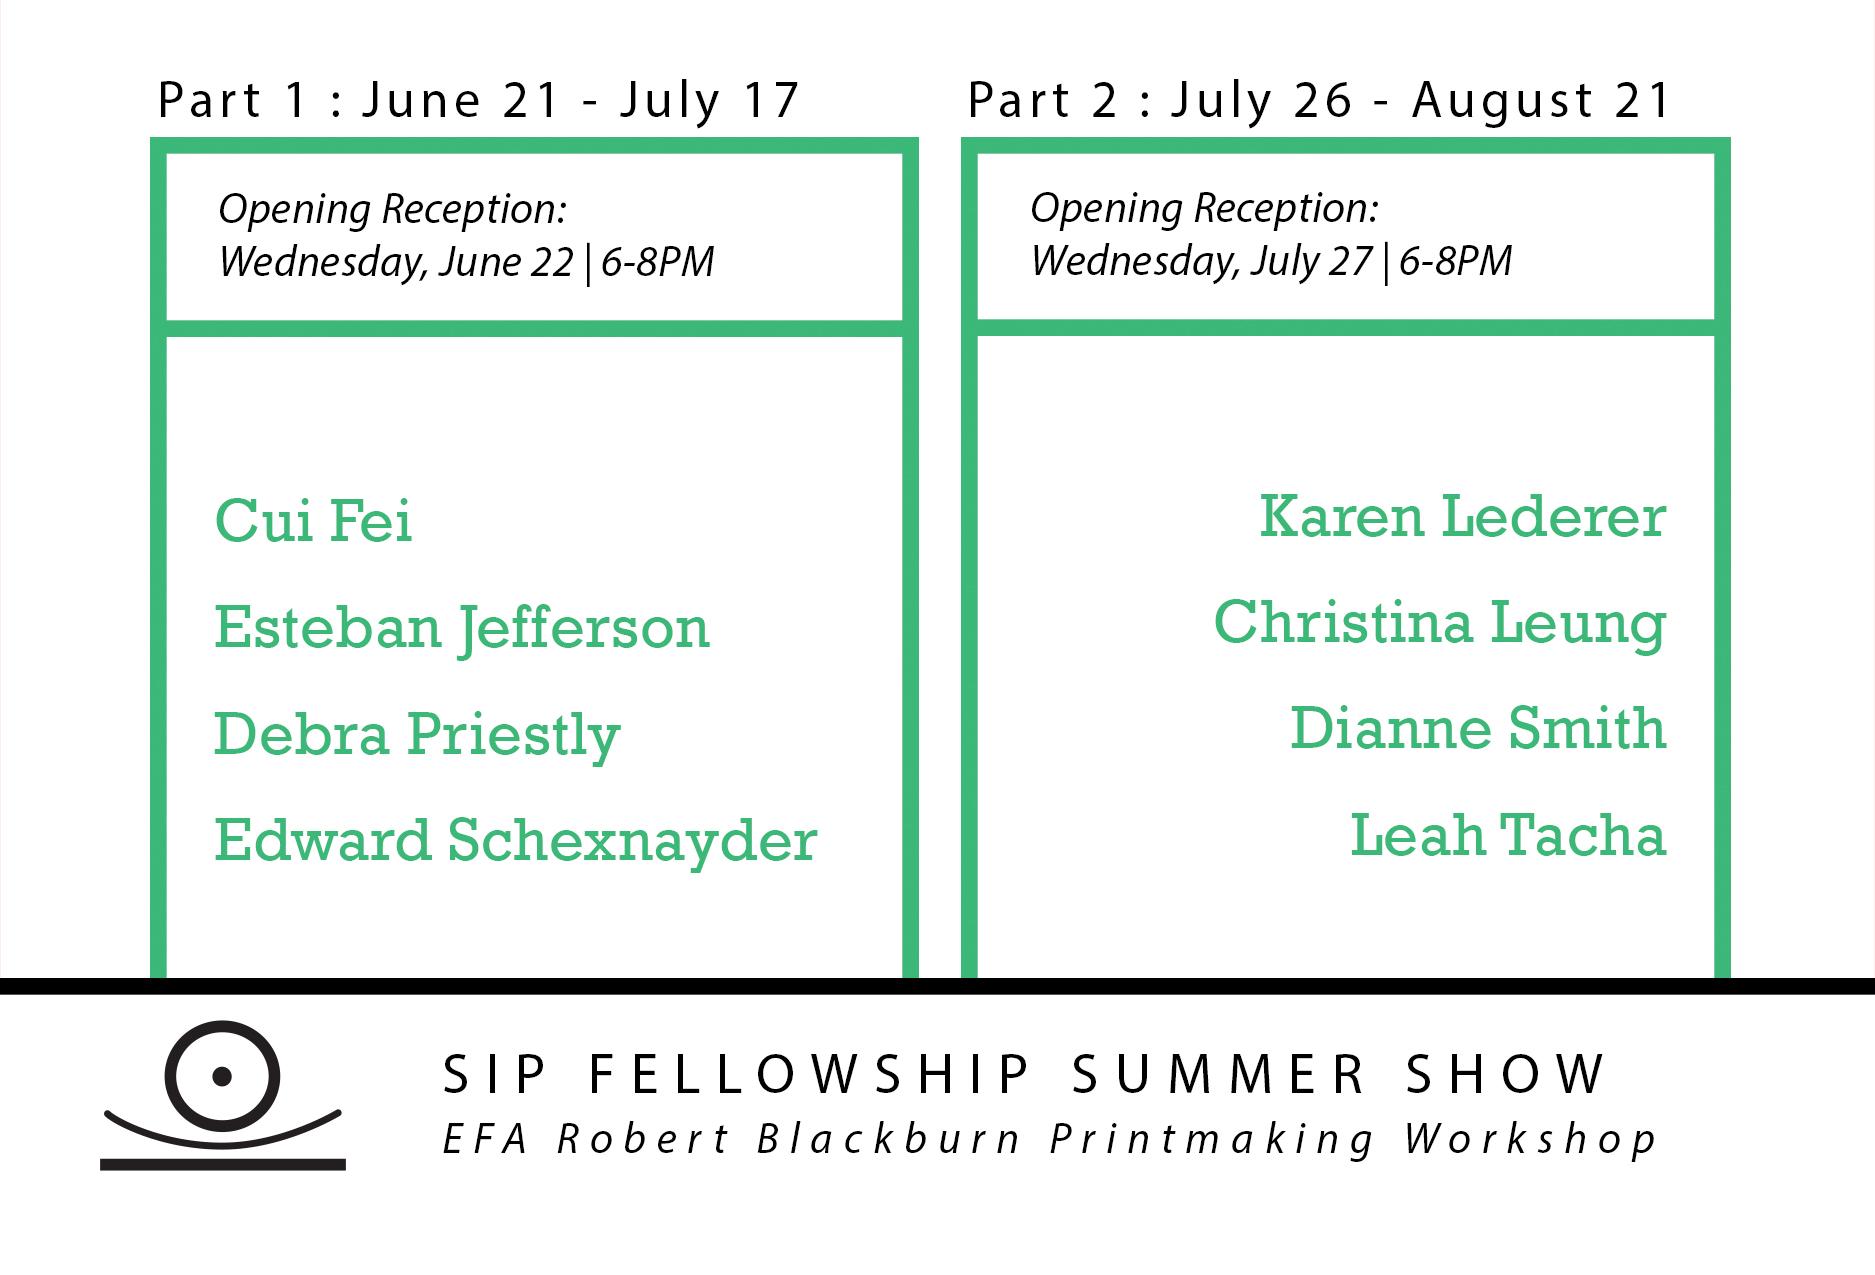 SIP Fellowship Summer Show Part 1   June 21 - July 17